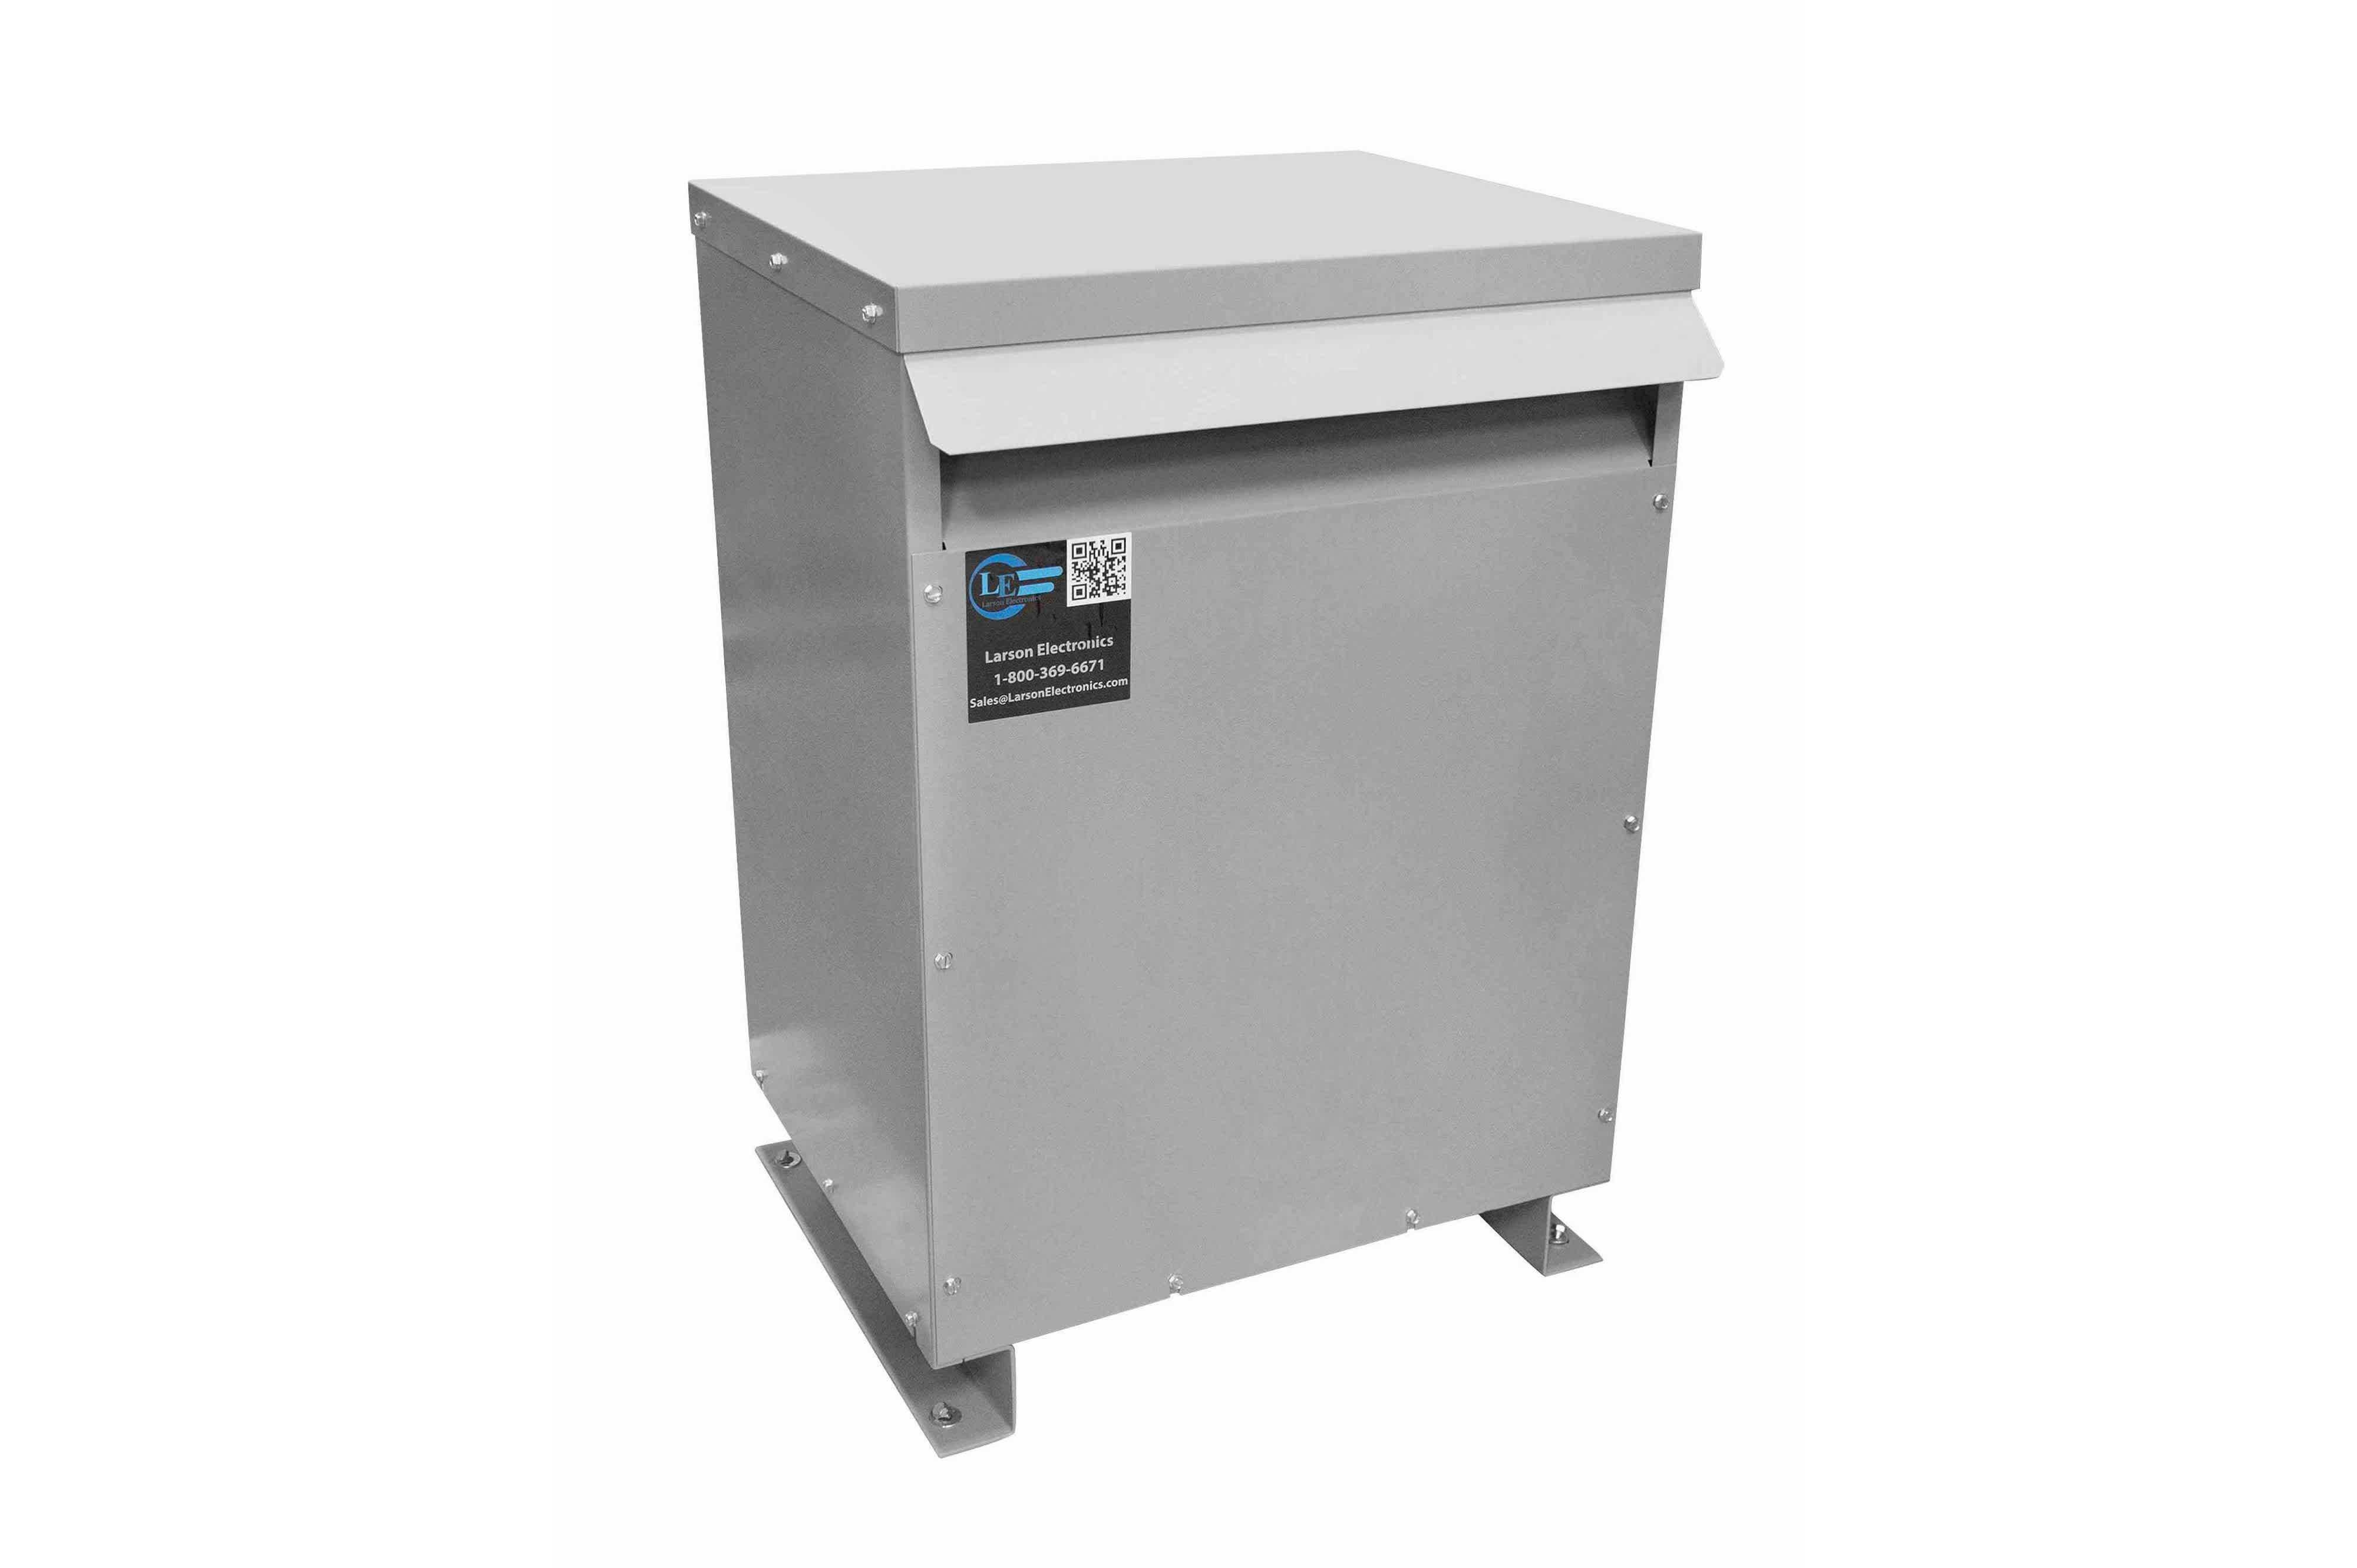 65 kVA 3PH Isolation Transformer, 380V Delta Primary, 600V Delta Secondary, N3R, Ventilated, 60 Hz